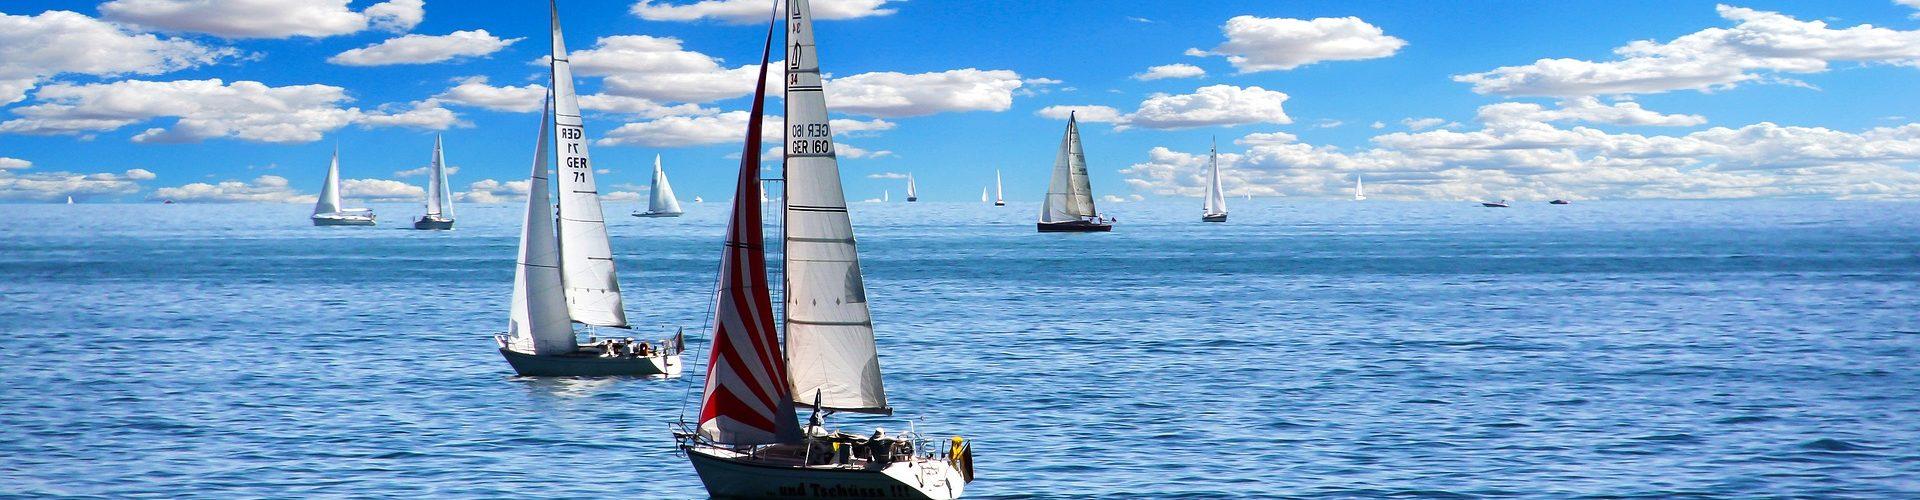 segeln lernen in Seddiner See segelschein machen in Seddiner See 1920x500 - Segeln lernen in Seddiner See